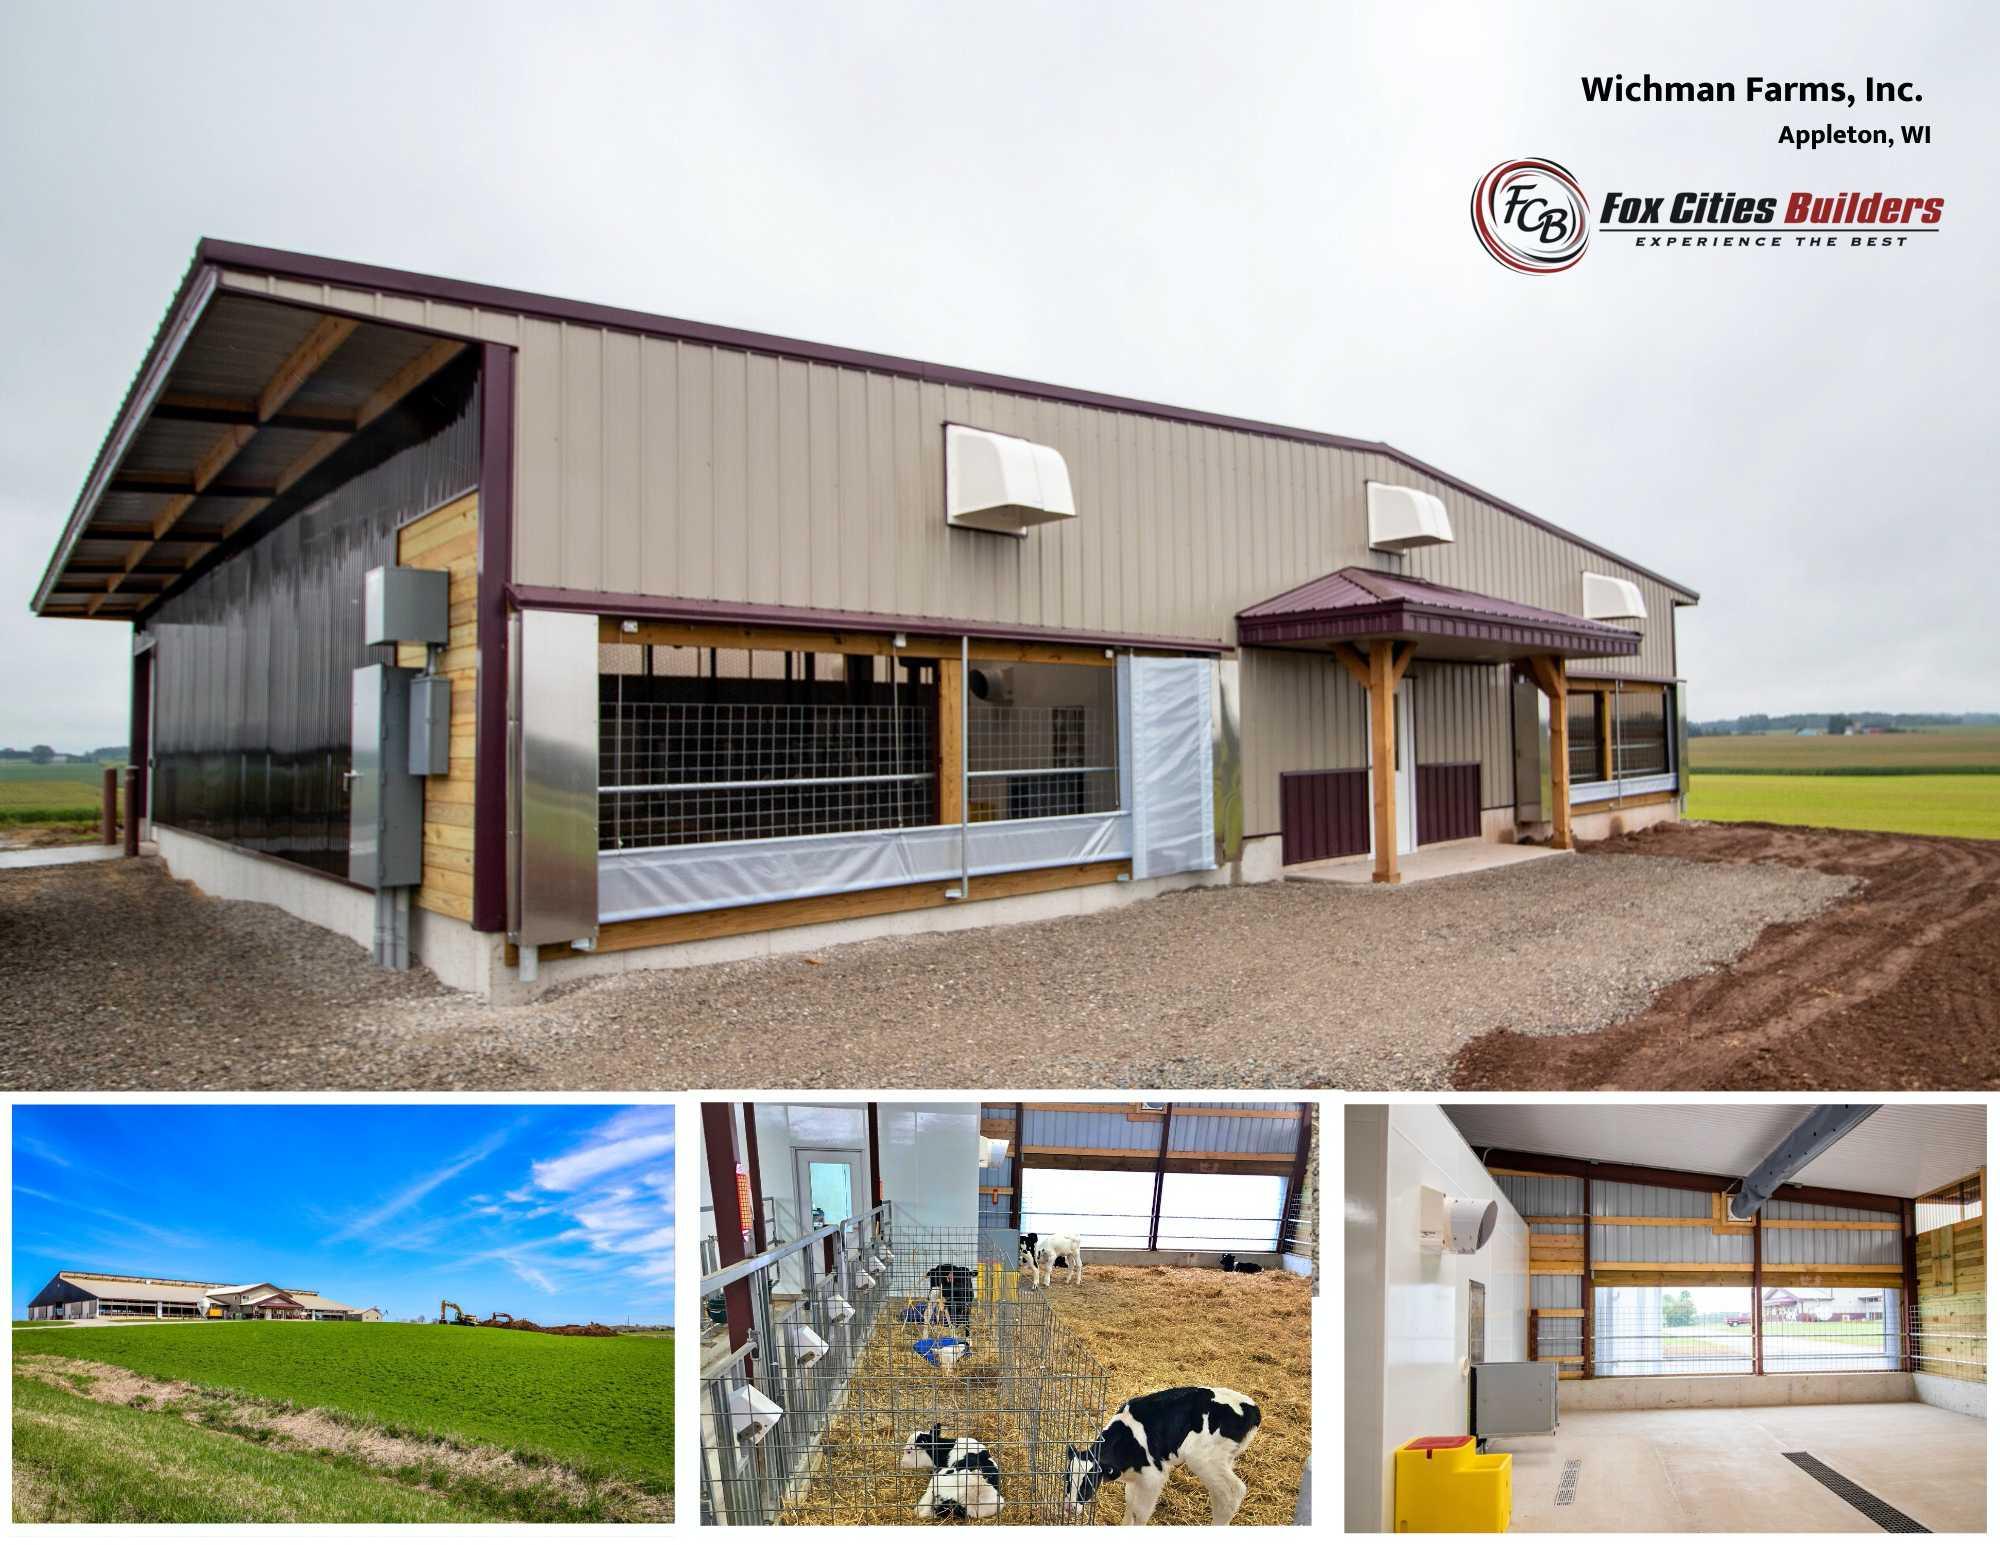 Wichman Farms - Robotic Calf Barn